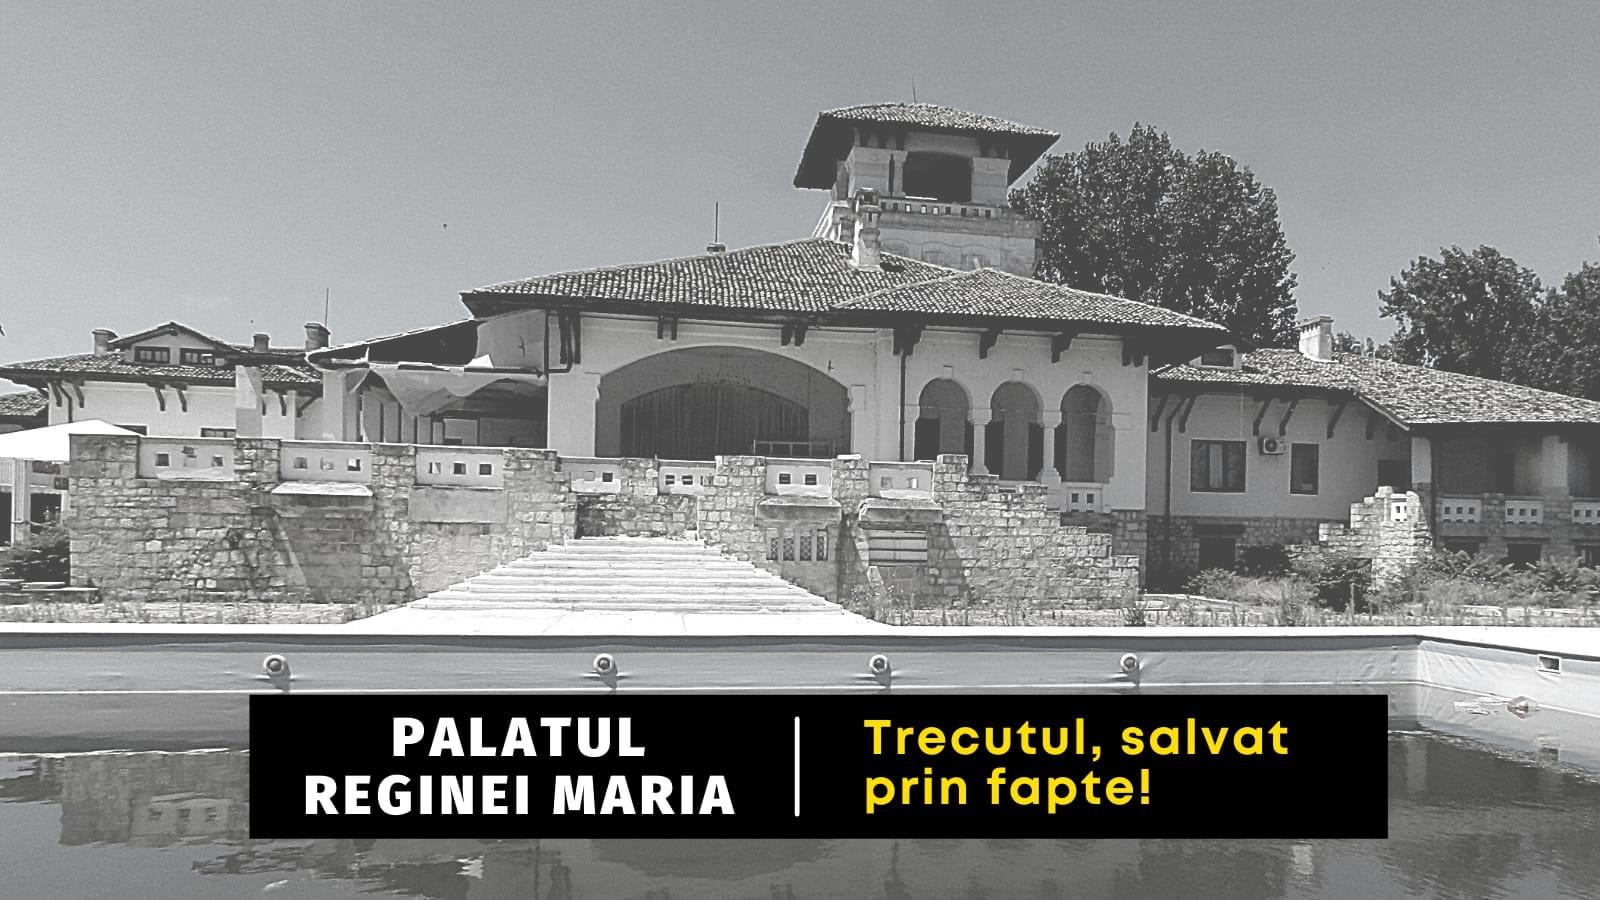 """Marian Crușoveanu, deputat PNL: """"Palatul Reginei Maria are nevoie de consolidare, nu de șezători politice"""""""